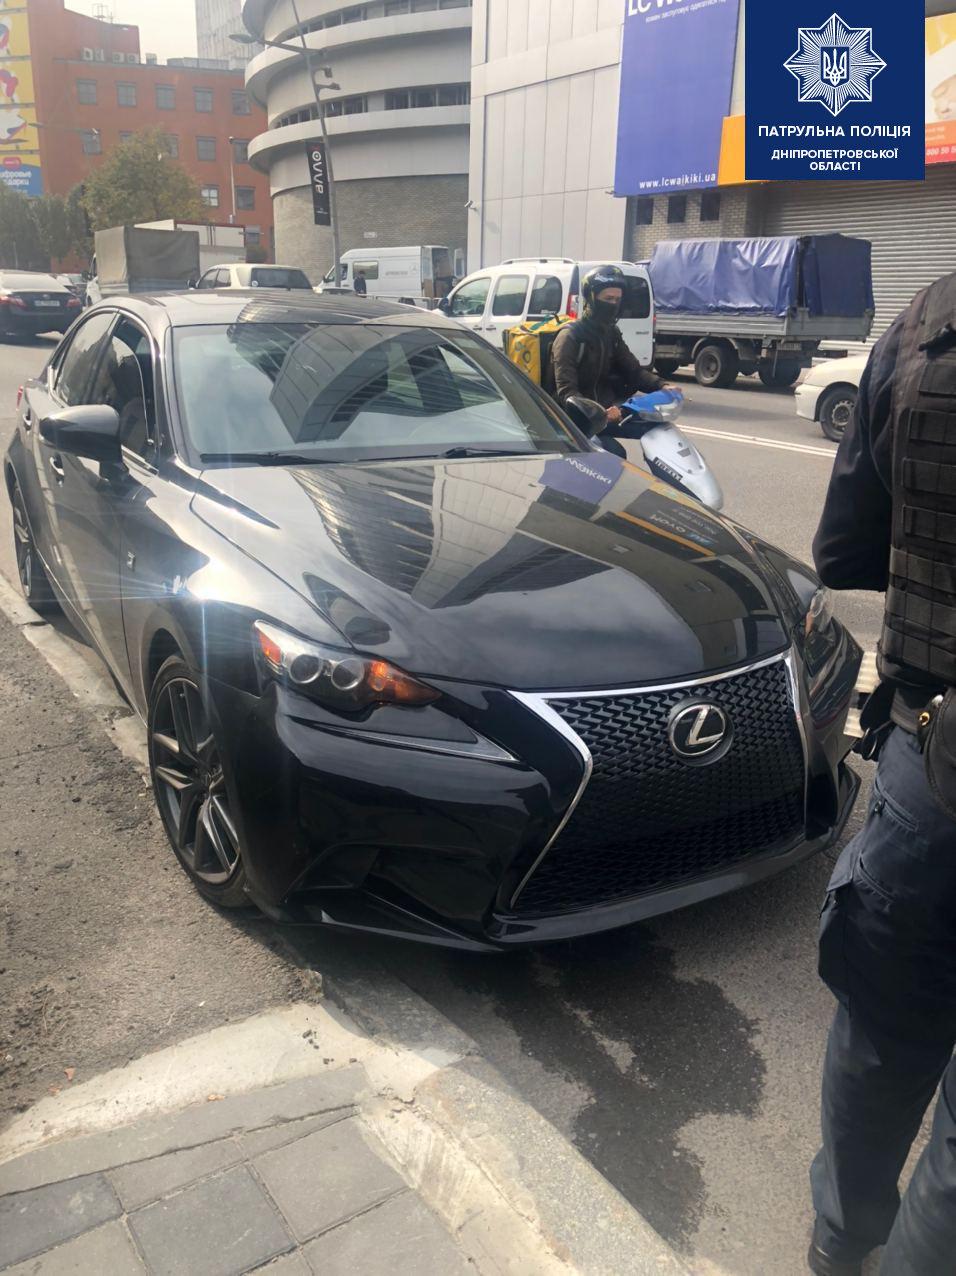 В Днепре штрафуют водителей за номера: с какими ездить нельзя , фото-3